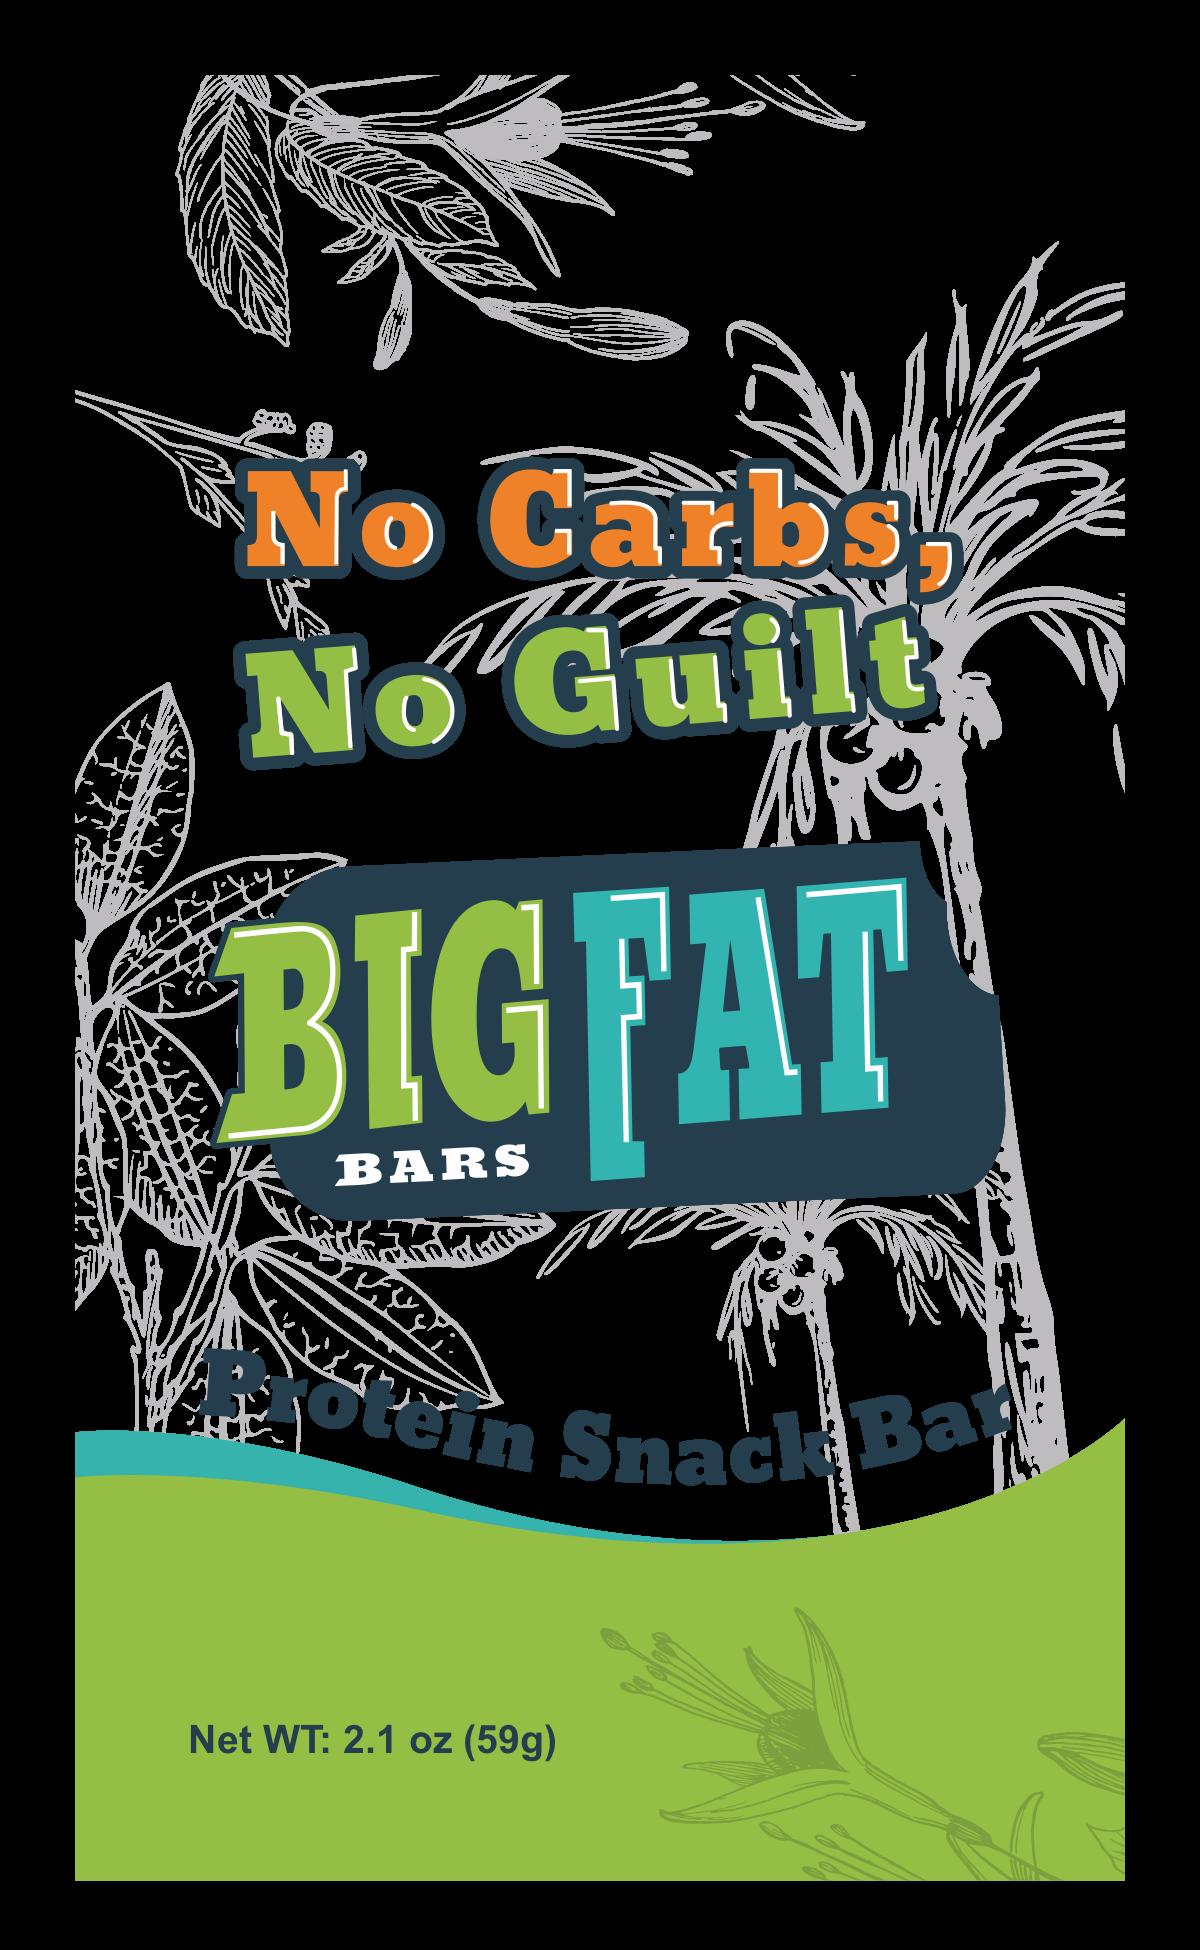 Big Fat Bars Label